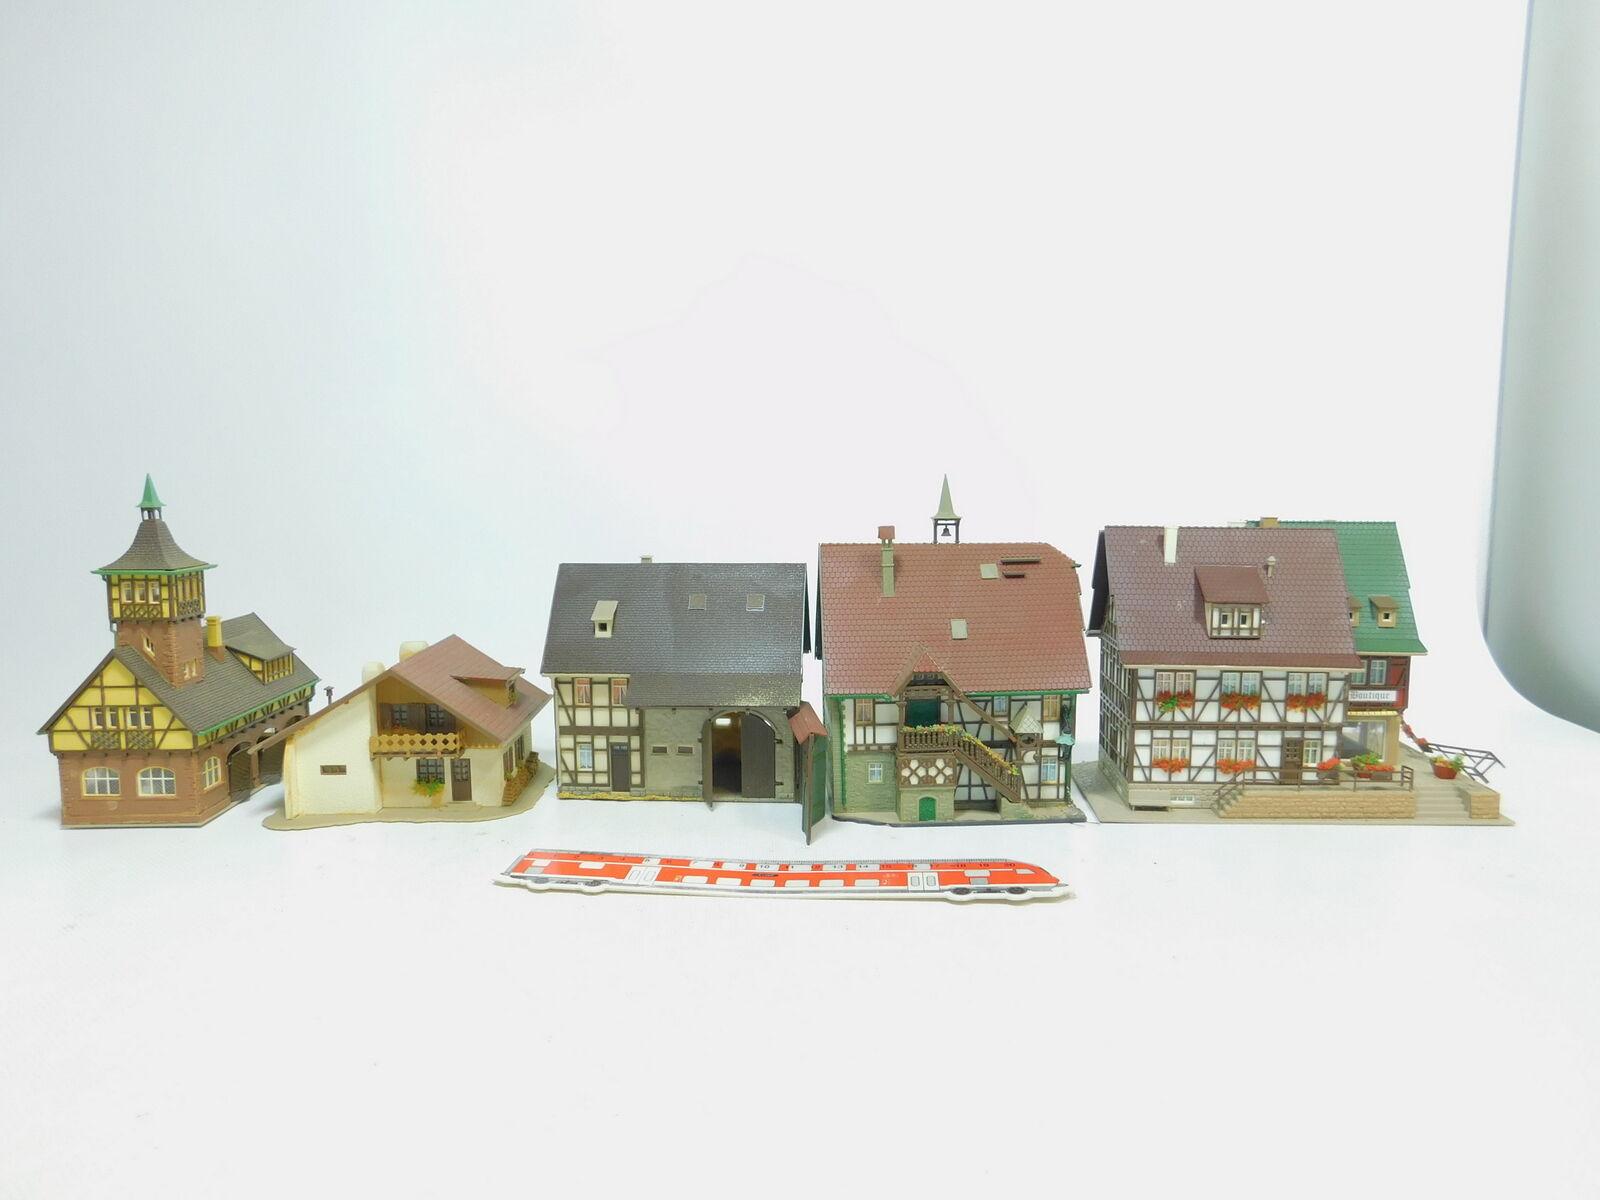 Bm412-3  5x VOLLMER h0 reticolare casa etc: 20512 + 29473 + 20391 + 21398 +3701